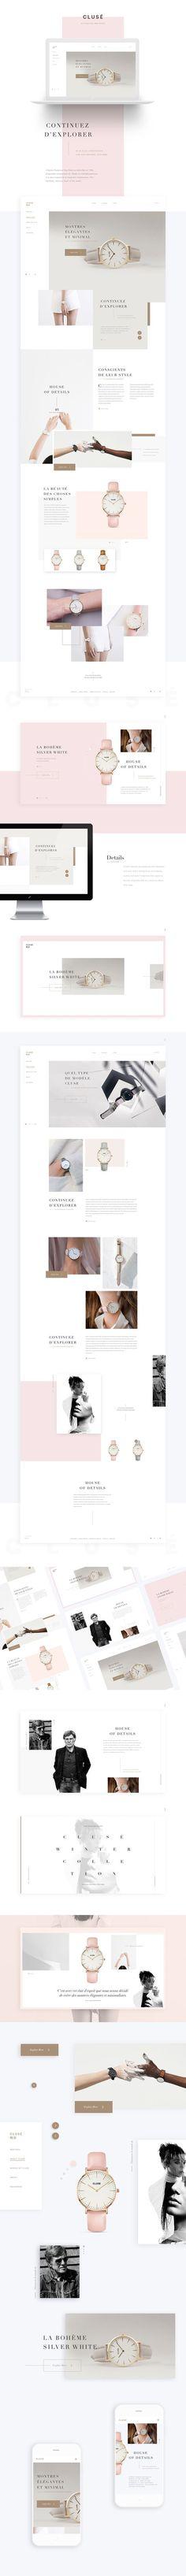 Clusé on Web Design Served: